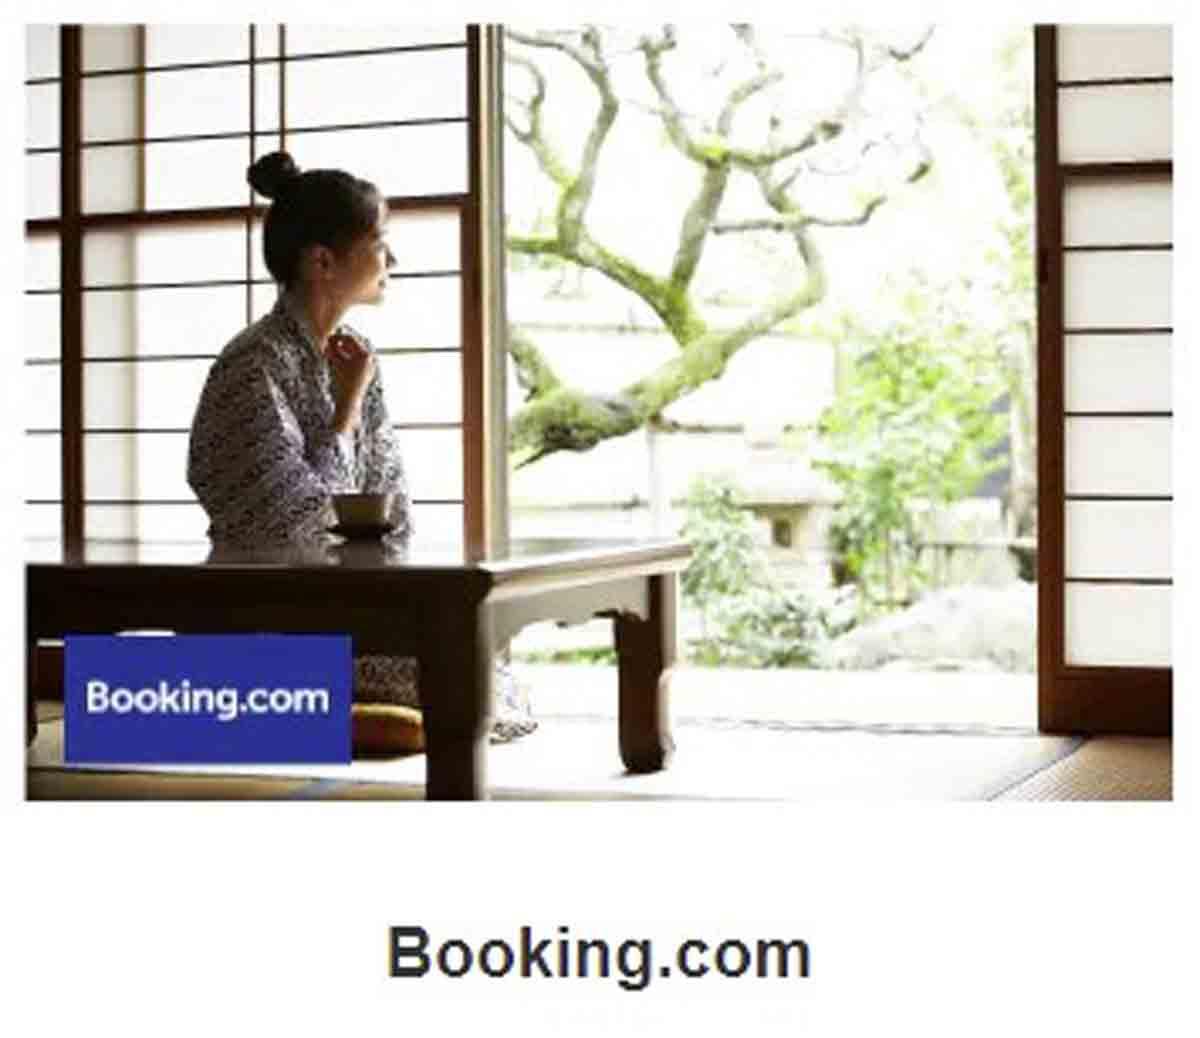 アメックス Booking.com 10%割引